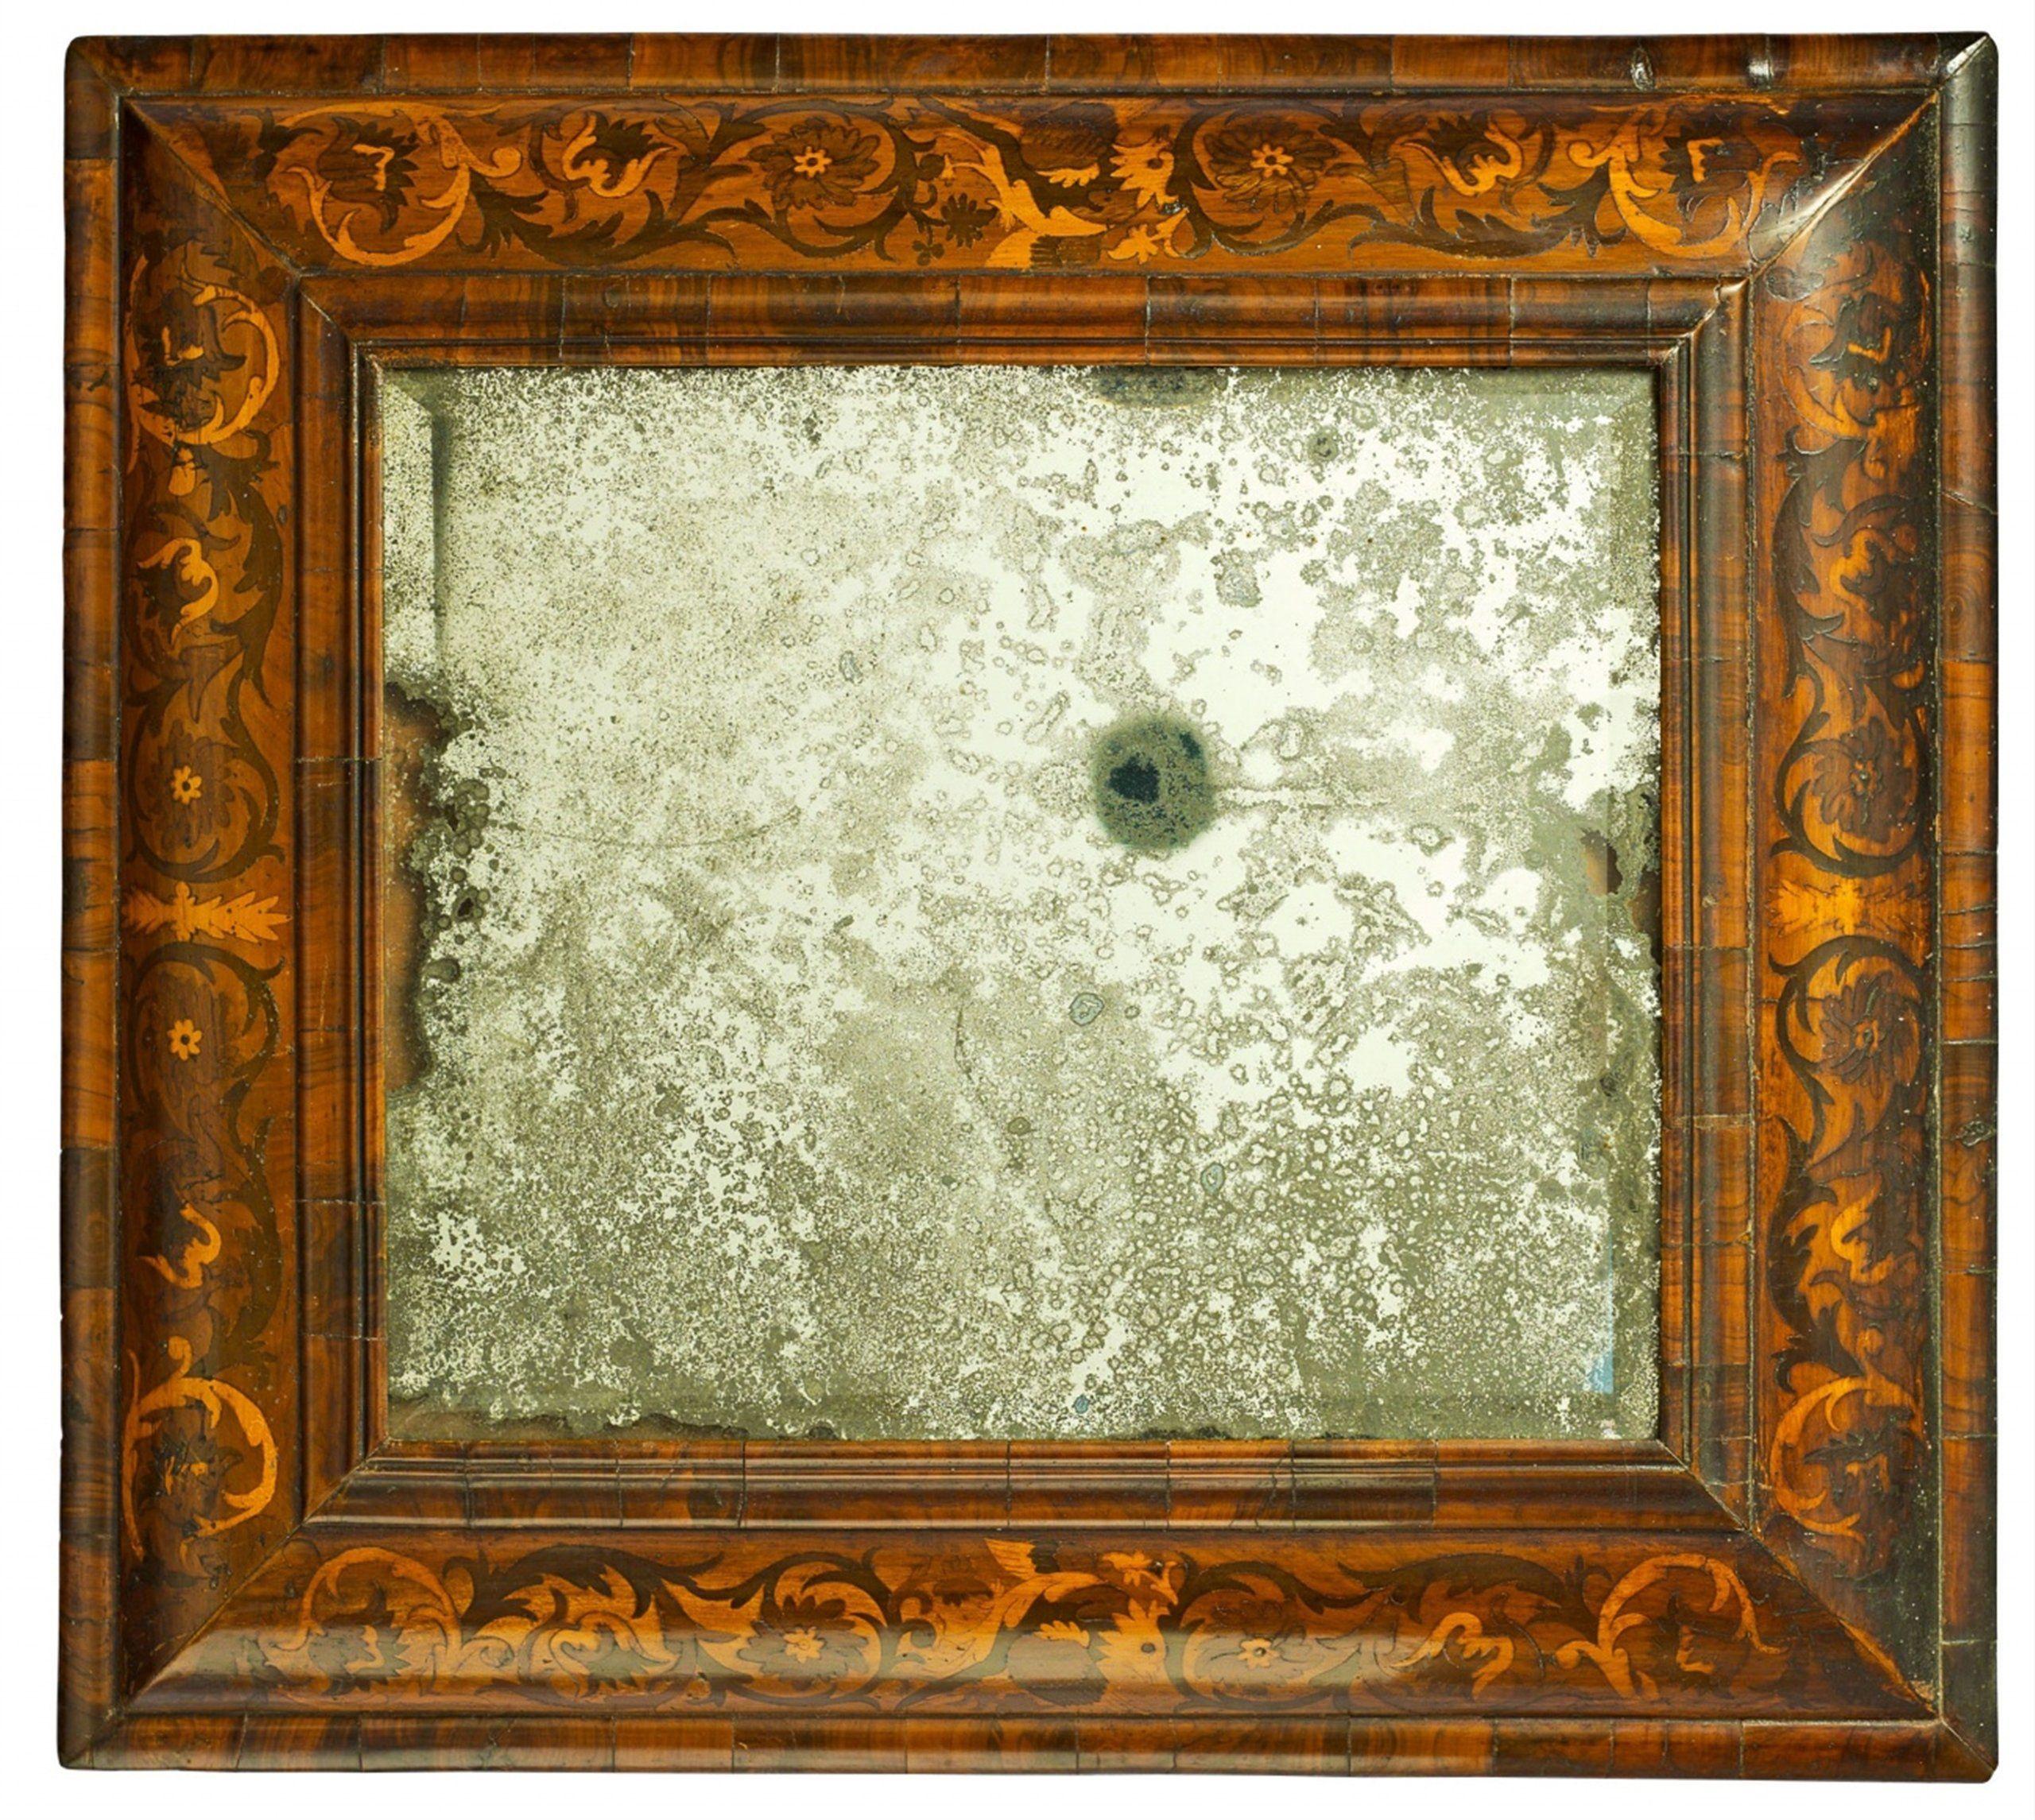 17. Jh.Flämischer Rahmen, Auktion 1075 Kunstgewerbe, Lot 695 ...